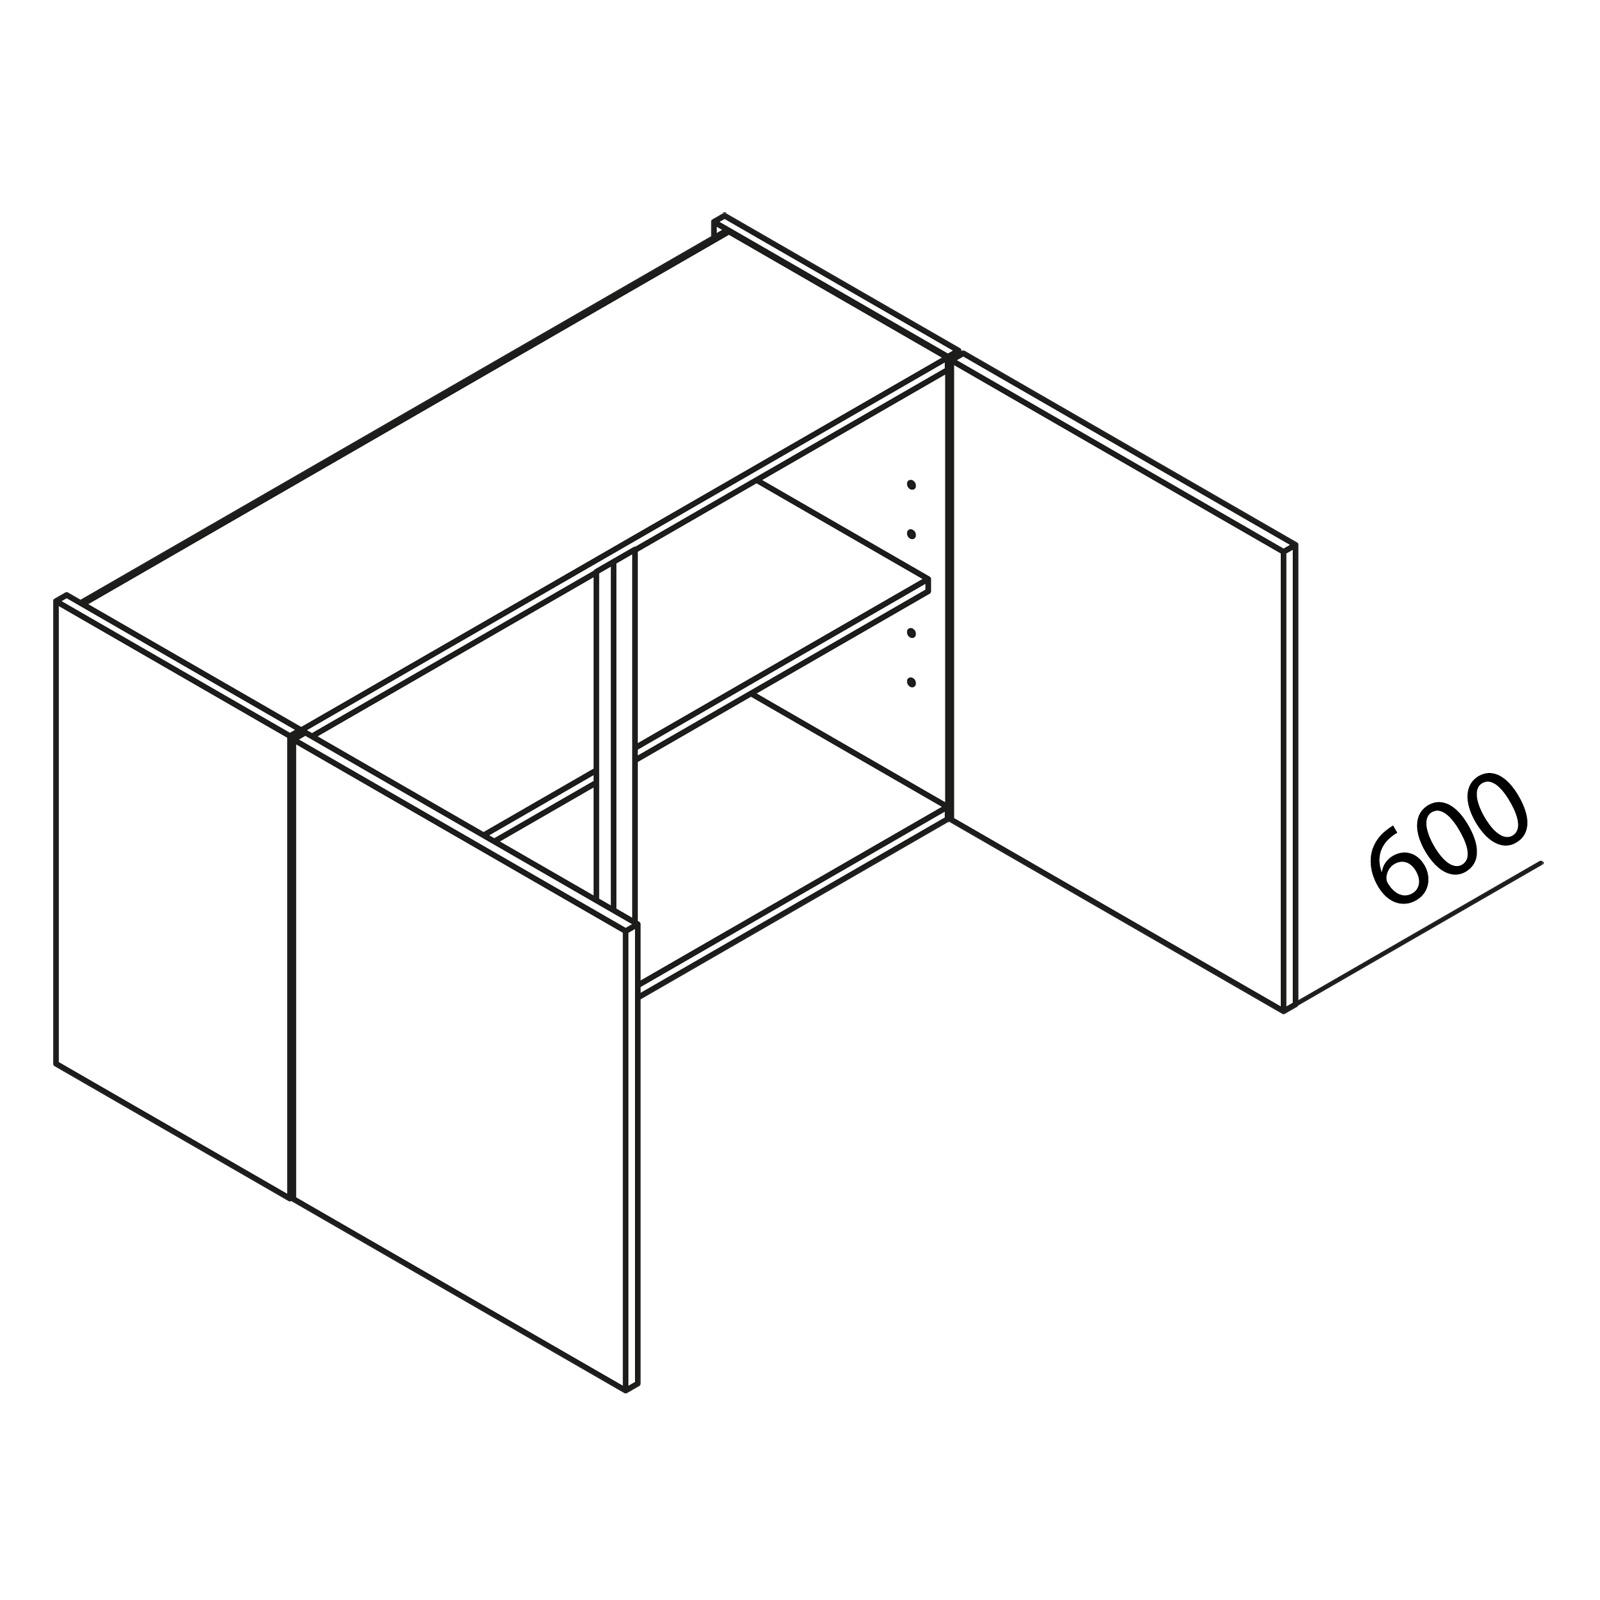 nolte k chen h ngeschrank h90 60. Black Bedroom Furniture Sets. Home Design Ideas